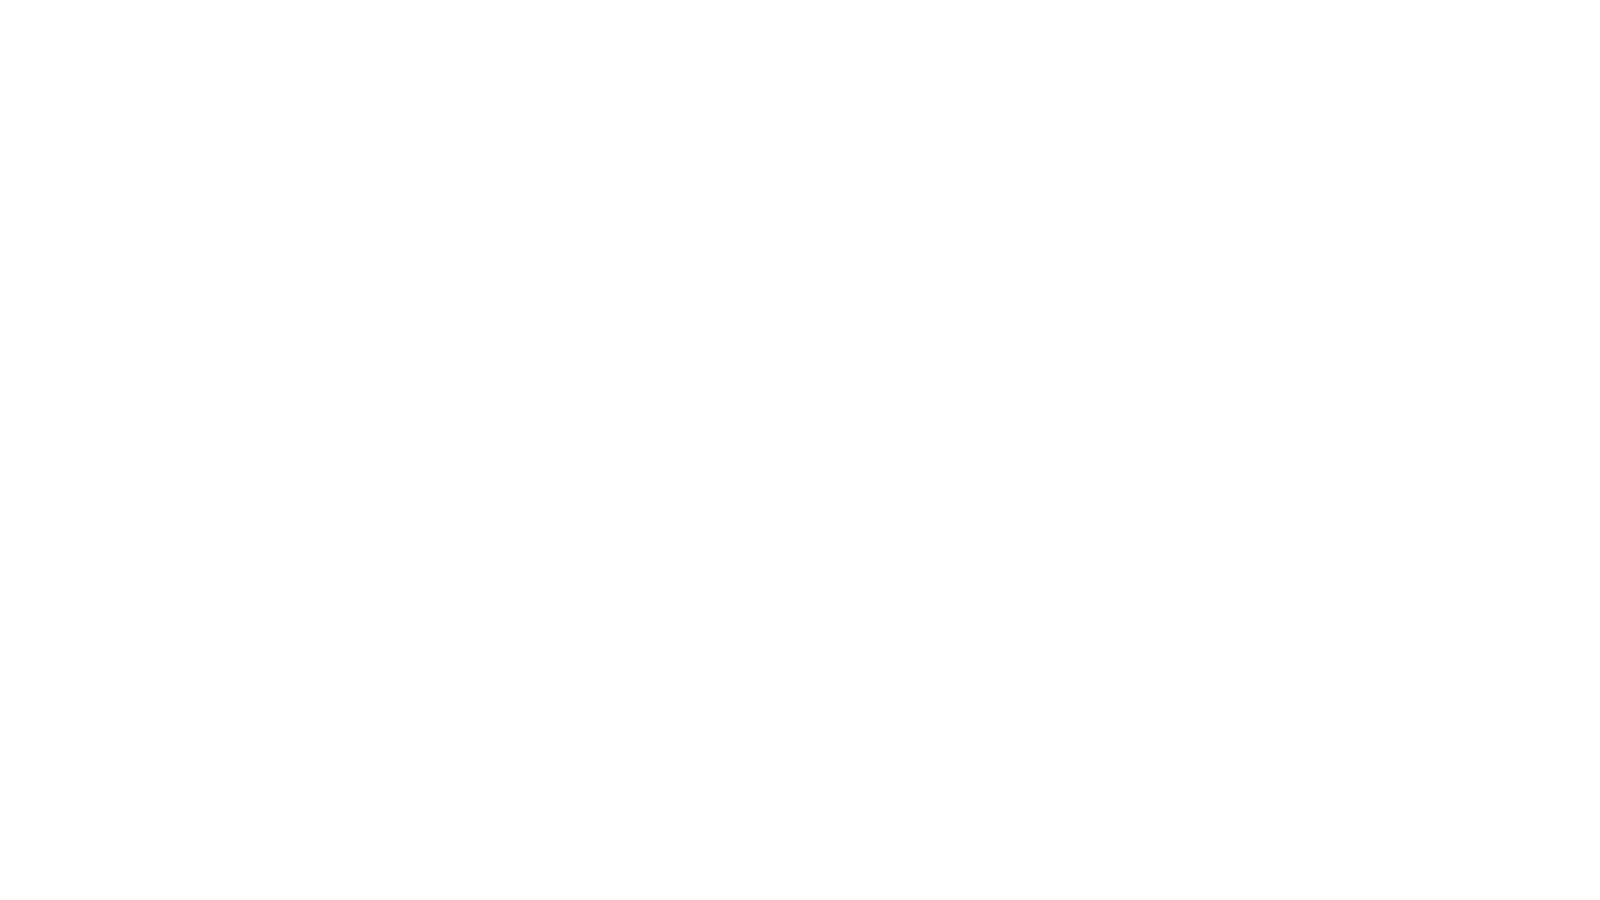 """浄瑠璃。時代物。11段。竹田出雲・並木千柳(宗輔(そうすけ))・三好松洛(みよししょうらく)らの合作。寛延元年(1748)大坂竹本座初演。赤穂義士のあだ討ちに取材したもの。人形浄瑠璃・歌舞伎の代表的名作。通称「忠臣蔵」。  Joruri. Periodic. 11 steps. A collaboration between Izumo Takeda, Senryu Namiki (Sousuke), and Syouraku Miyoshi. Kanei first year (1748) Osaka Takemotoza premiere. Interviewed by Ako Gishi A masterpiece of Ningyo Joruri and Kabuki. Commonly known as """"Chushinkura.""""   足利尊氏はかねて造営中の鶴ヶ丘八幡宮が落成したので、弟の直義を代参として鎌倉に下向させ、その宝蔵に戦死した新田義貞の兜を奉納しようとする。鎌倉の執権高師直は、義貞戦死の場所に散財せる兜は数多で、どれがどれやら判別がつかないことを盾にとって反対しようとするが、義貞に仕えて親しくその兜を見識っている兵庫司の女官ー即ち今は塩谷判官の奥方顔世がその鑑定役として召出され、難なく義貞の兜が四十七あるその中から選び出されるに及んで師直も仕方なく承服する。兜の件は一応これで落ち着くが、落ち着かぬのは兼ねてから顔世に懸想している師直の胸の内である。 師直はこの機会を利用して歌道にことよせ恋文を顔世に付け、夫の塩谷判官直義饗応の大役を首尾よく勤めさせるもさせぬも返事次第と脅しながら言い寄ります。折り柄来合わせた桃井若狭之助は困惑している顔世を庇ってこの場を立ち去らす。 恋の邪魔をされた師直は若狭之助を散々に辱めます。(大序)  【 Introduction 】 Takauji Ashikaga has completed the construction of the Tsurugaoka Hachimangu Shrine, which he has been building for some time, so he tries to let go his younger brother Naoyoshi to Kamakura and try to dedicate the Kabuto of Yoshisada Nitta to the treasure house.  Kamakura's Custody  Moronao Kouno has out of many  Kabuto to splurge at the place of death in the Yoshisada war, and tries to oppose that helmet is indistinguishable, but Yoshisada is familiar with the  knows the Kabuto.  The female officer of Hyogo, that is, the back Kaoyo of Judge Enya, is summoned as its appraiser, and without any difficulty, he accepts the teacher's help as he chooses the Kabuto from the 47.  Kabuto's case is calmed down for the time being, but the calmness is not in the chest of the Moronao Kouno, he has been deeply concerned about the Kaoyo since then.  Taking advantage of this opportunity, Moronao send love letter to Kaoyo as a song teaching,  And threatened Kaoyo ,her husband Judge Enya will be able to successfully serve the important Celebration depending on the reply. Momoi Wakasanosuke, happened to be there  the scene, left this place with a bewildered Kaoyo. Moronao humiliates Wakasanosuk"""